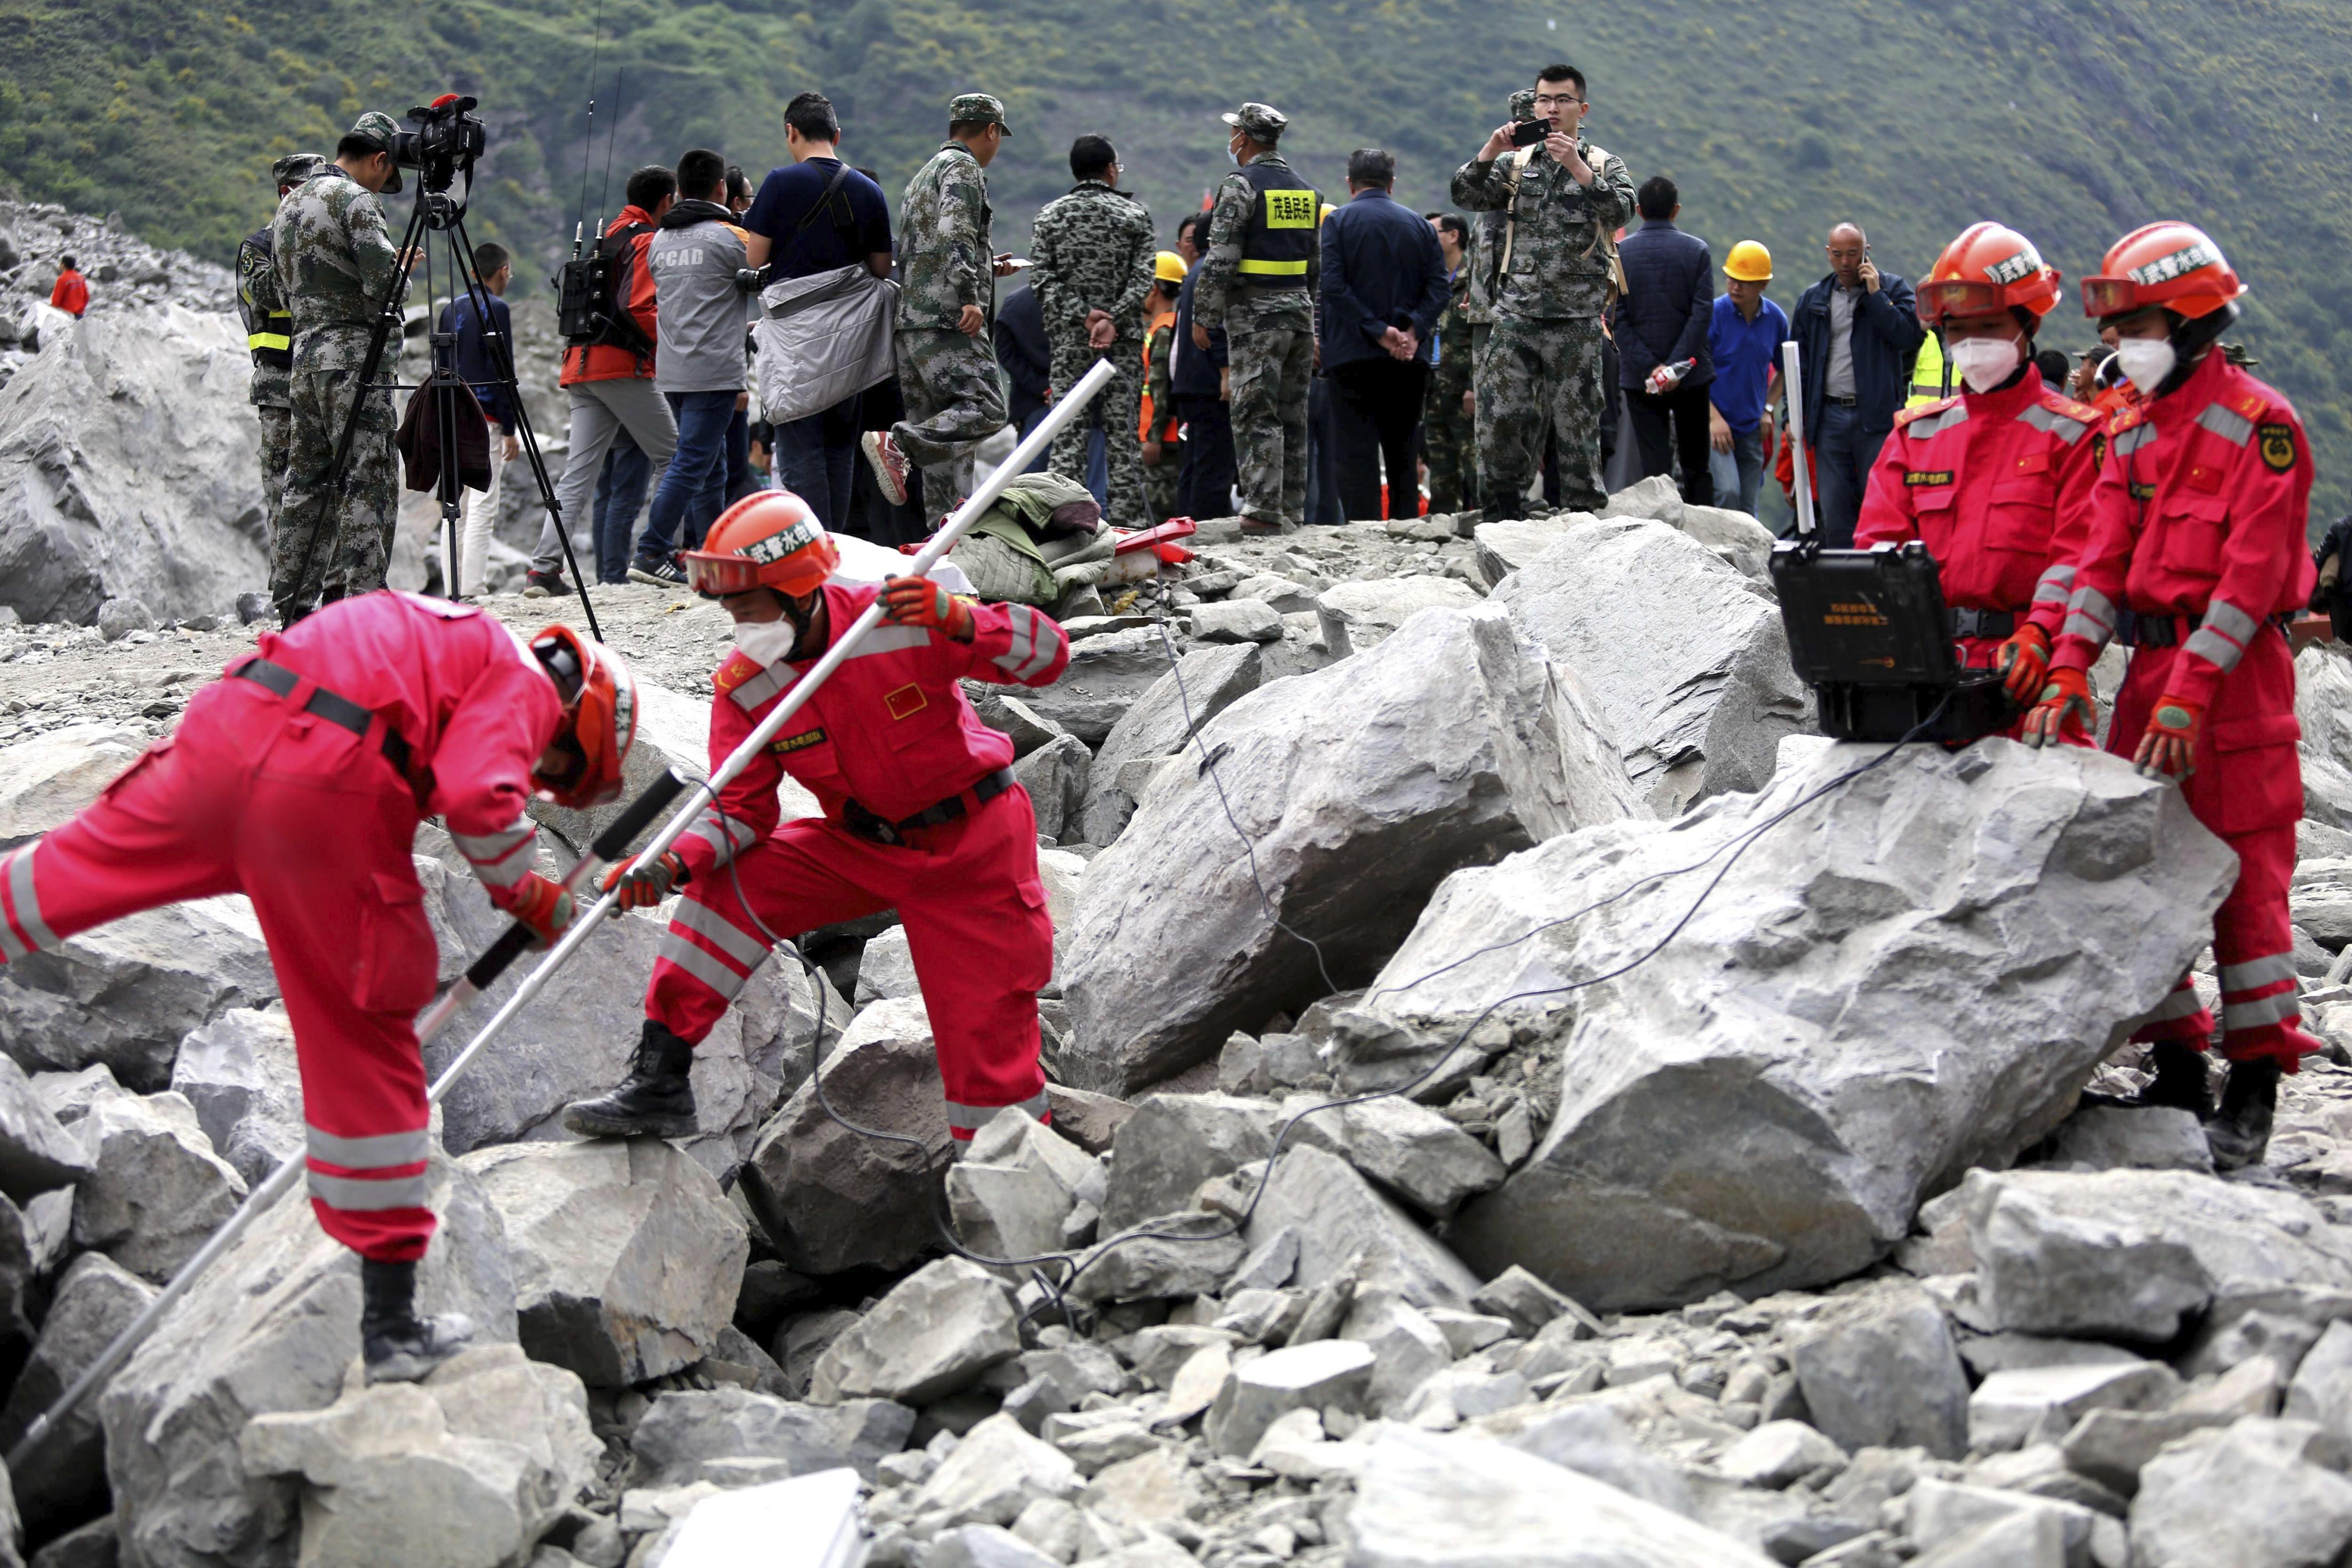 Labors de rescat dels 93 desapareguts en el sud de Xina per un despreniment de terra. /STRINGER